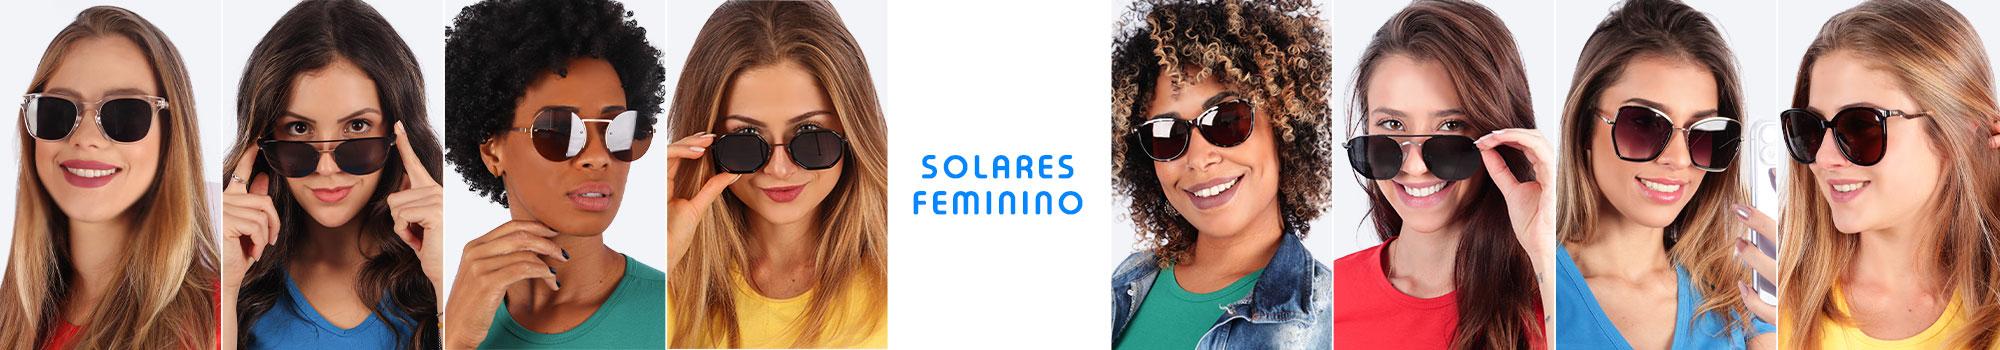 Categoria oculos solar feminino